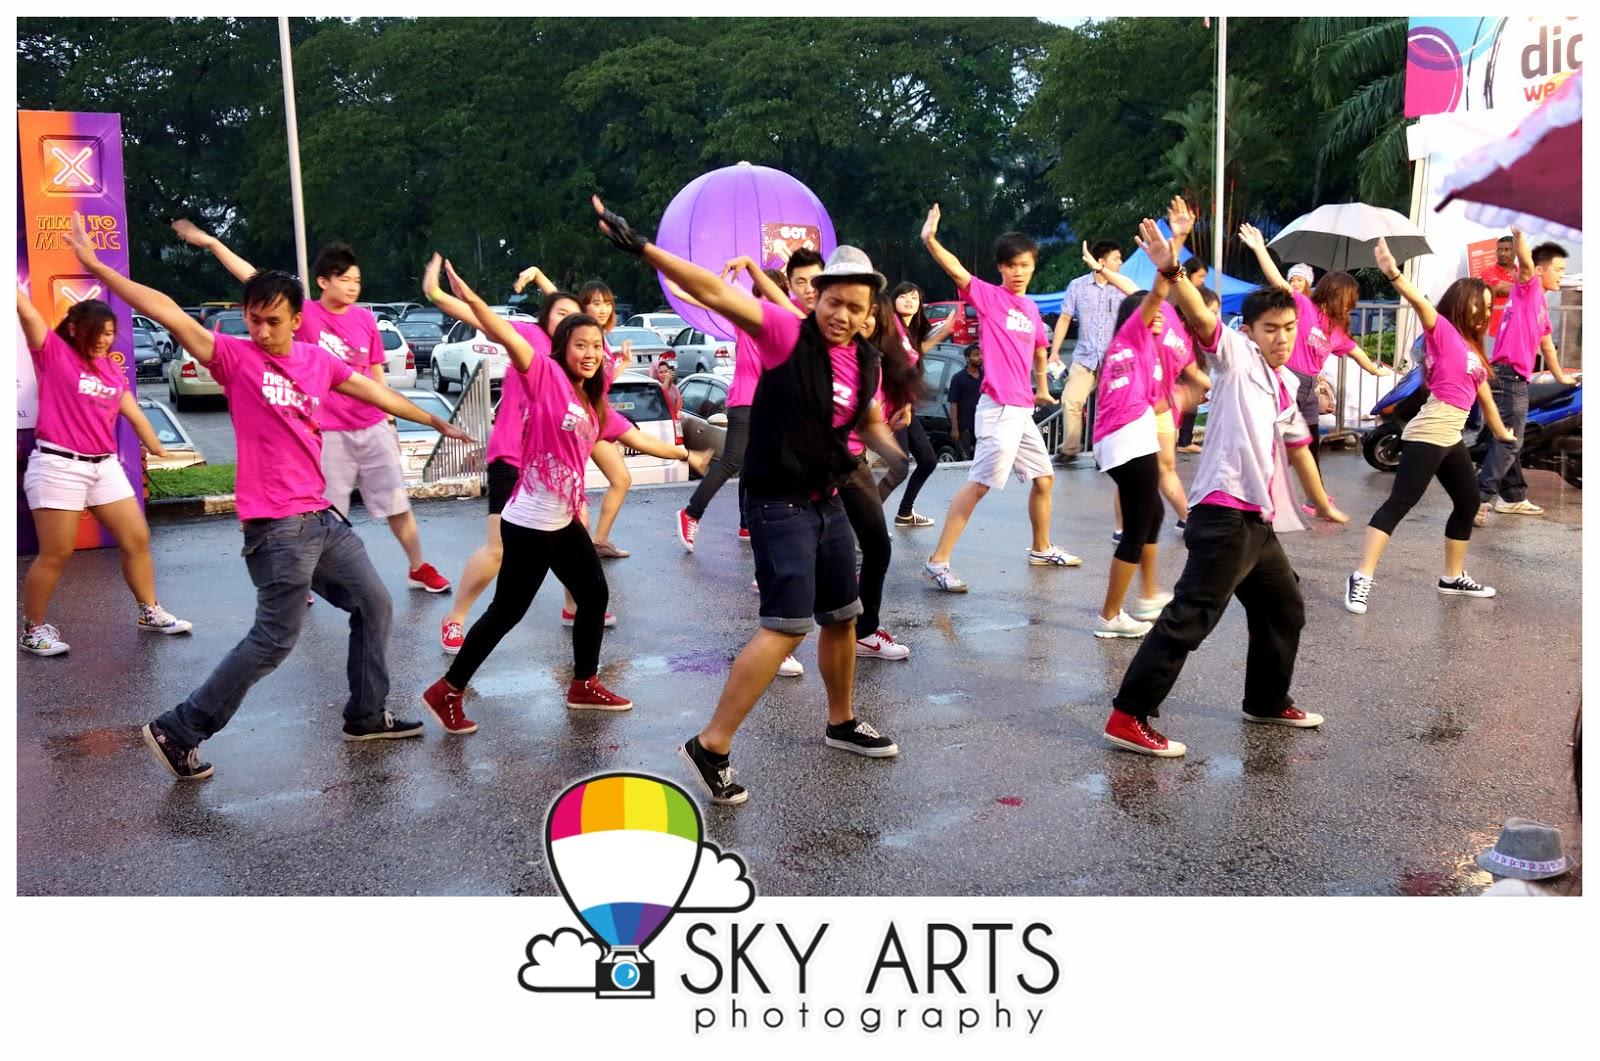 http://2.bp.blogspot.com/-5qD1HI-97LQ/ULwM9EHizVI/AAAAAAABqn0/oTXauhpjxJM/s1600/Jennifer+Lopez+%23DanceAgainWorldTour2012+Malaysia+Kuala+Lumpur+Live+Concert-00308.jpg